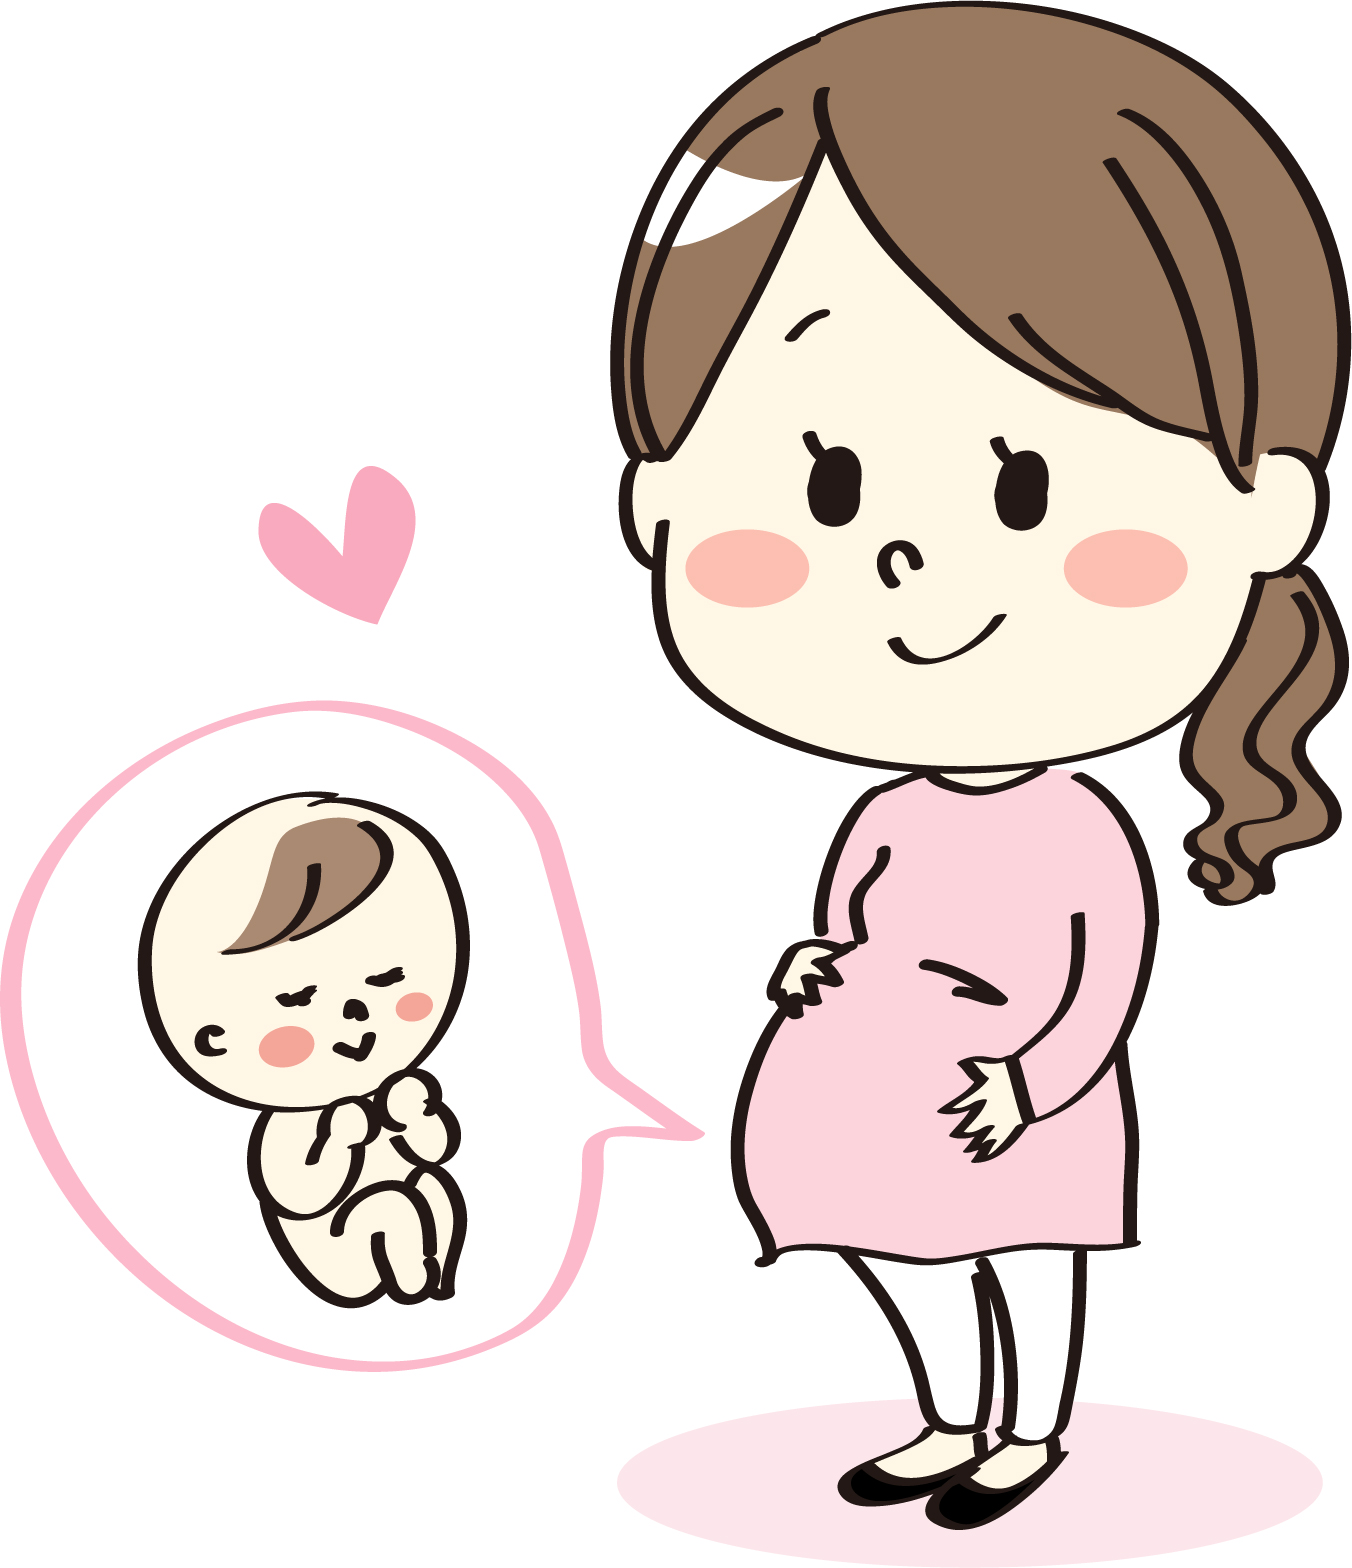 イギリスでの出産費用は検診や水中分娩、無痛分娩含め0円